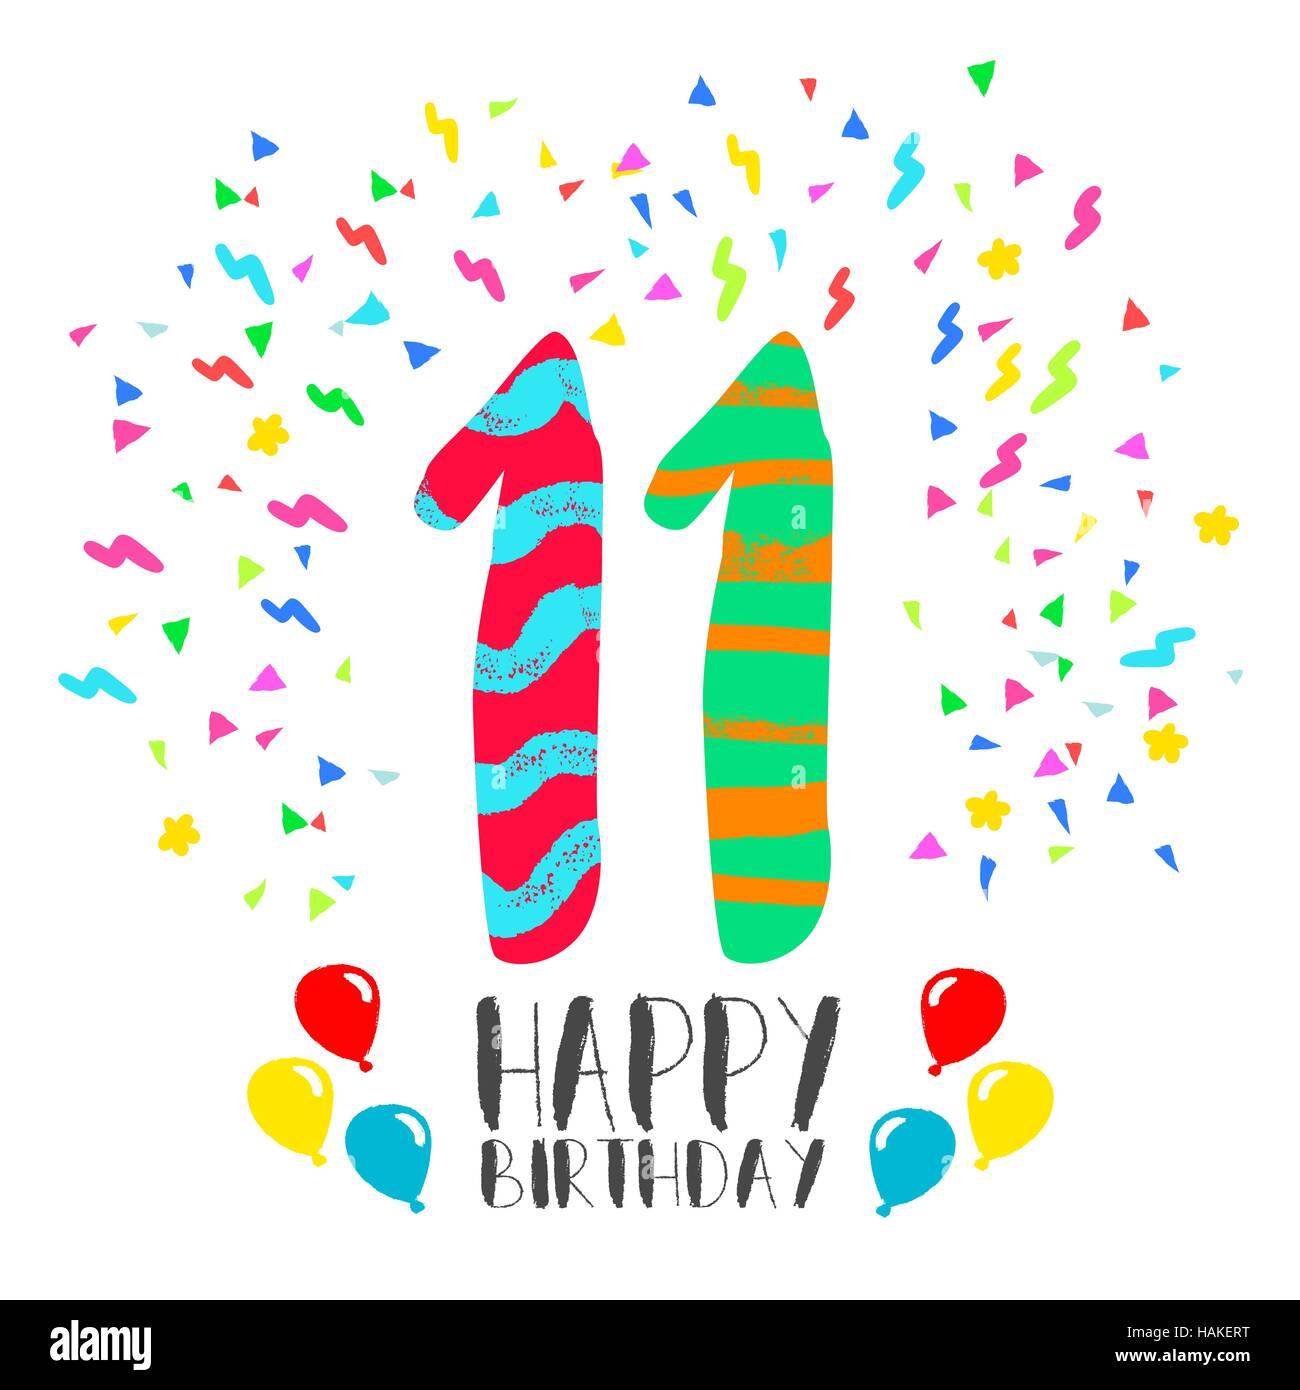 https://c8.alamy.com/compit/hakert/buon-compleanno-numero-11-biglietto-di-auguri-per-undici-anni-di-divertimento-in-stile-arte-con-party-coriandoli-anniversario-invito-congratulazioni-o-celebrazione-hakert.jpg